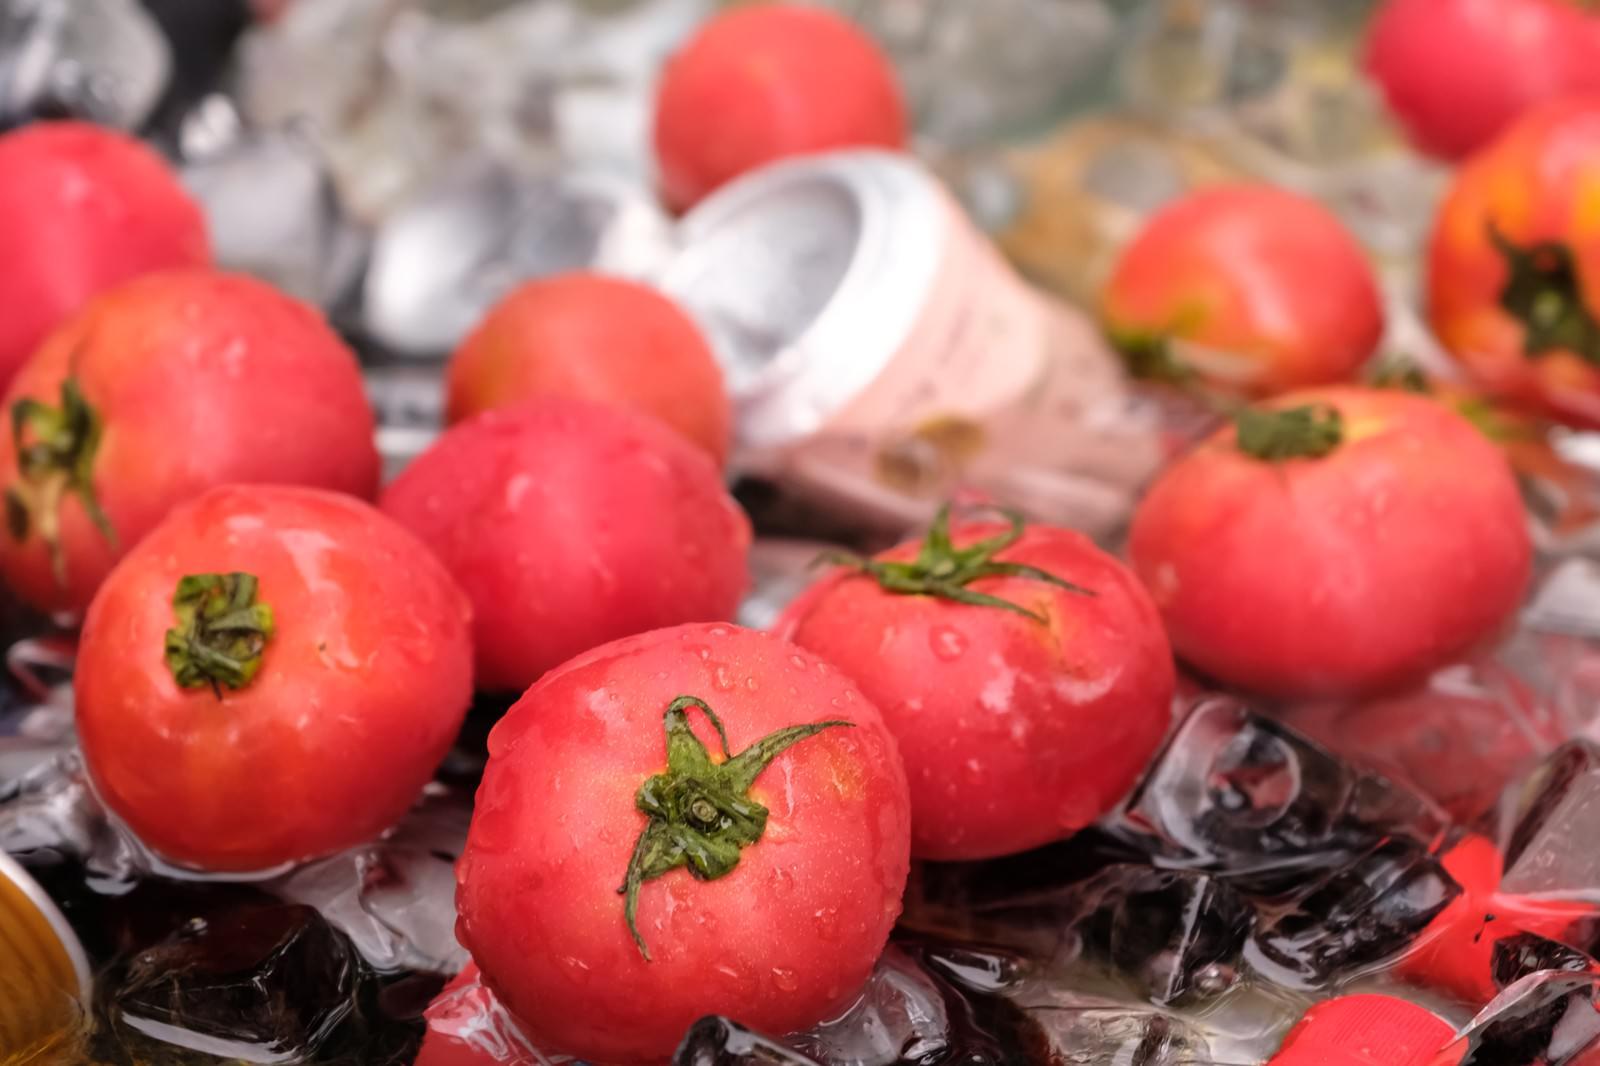 「氷で冷えたトマト | 写真の無料素材・フリー素材 - ぱくたそ」の写真